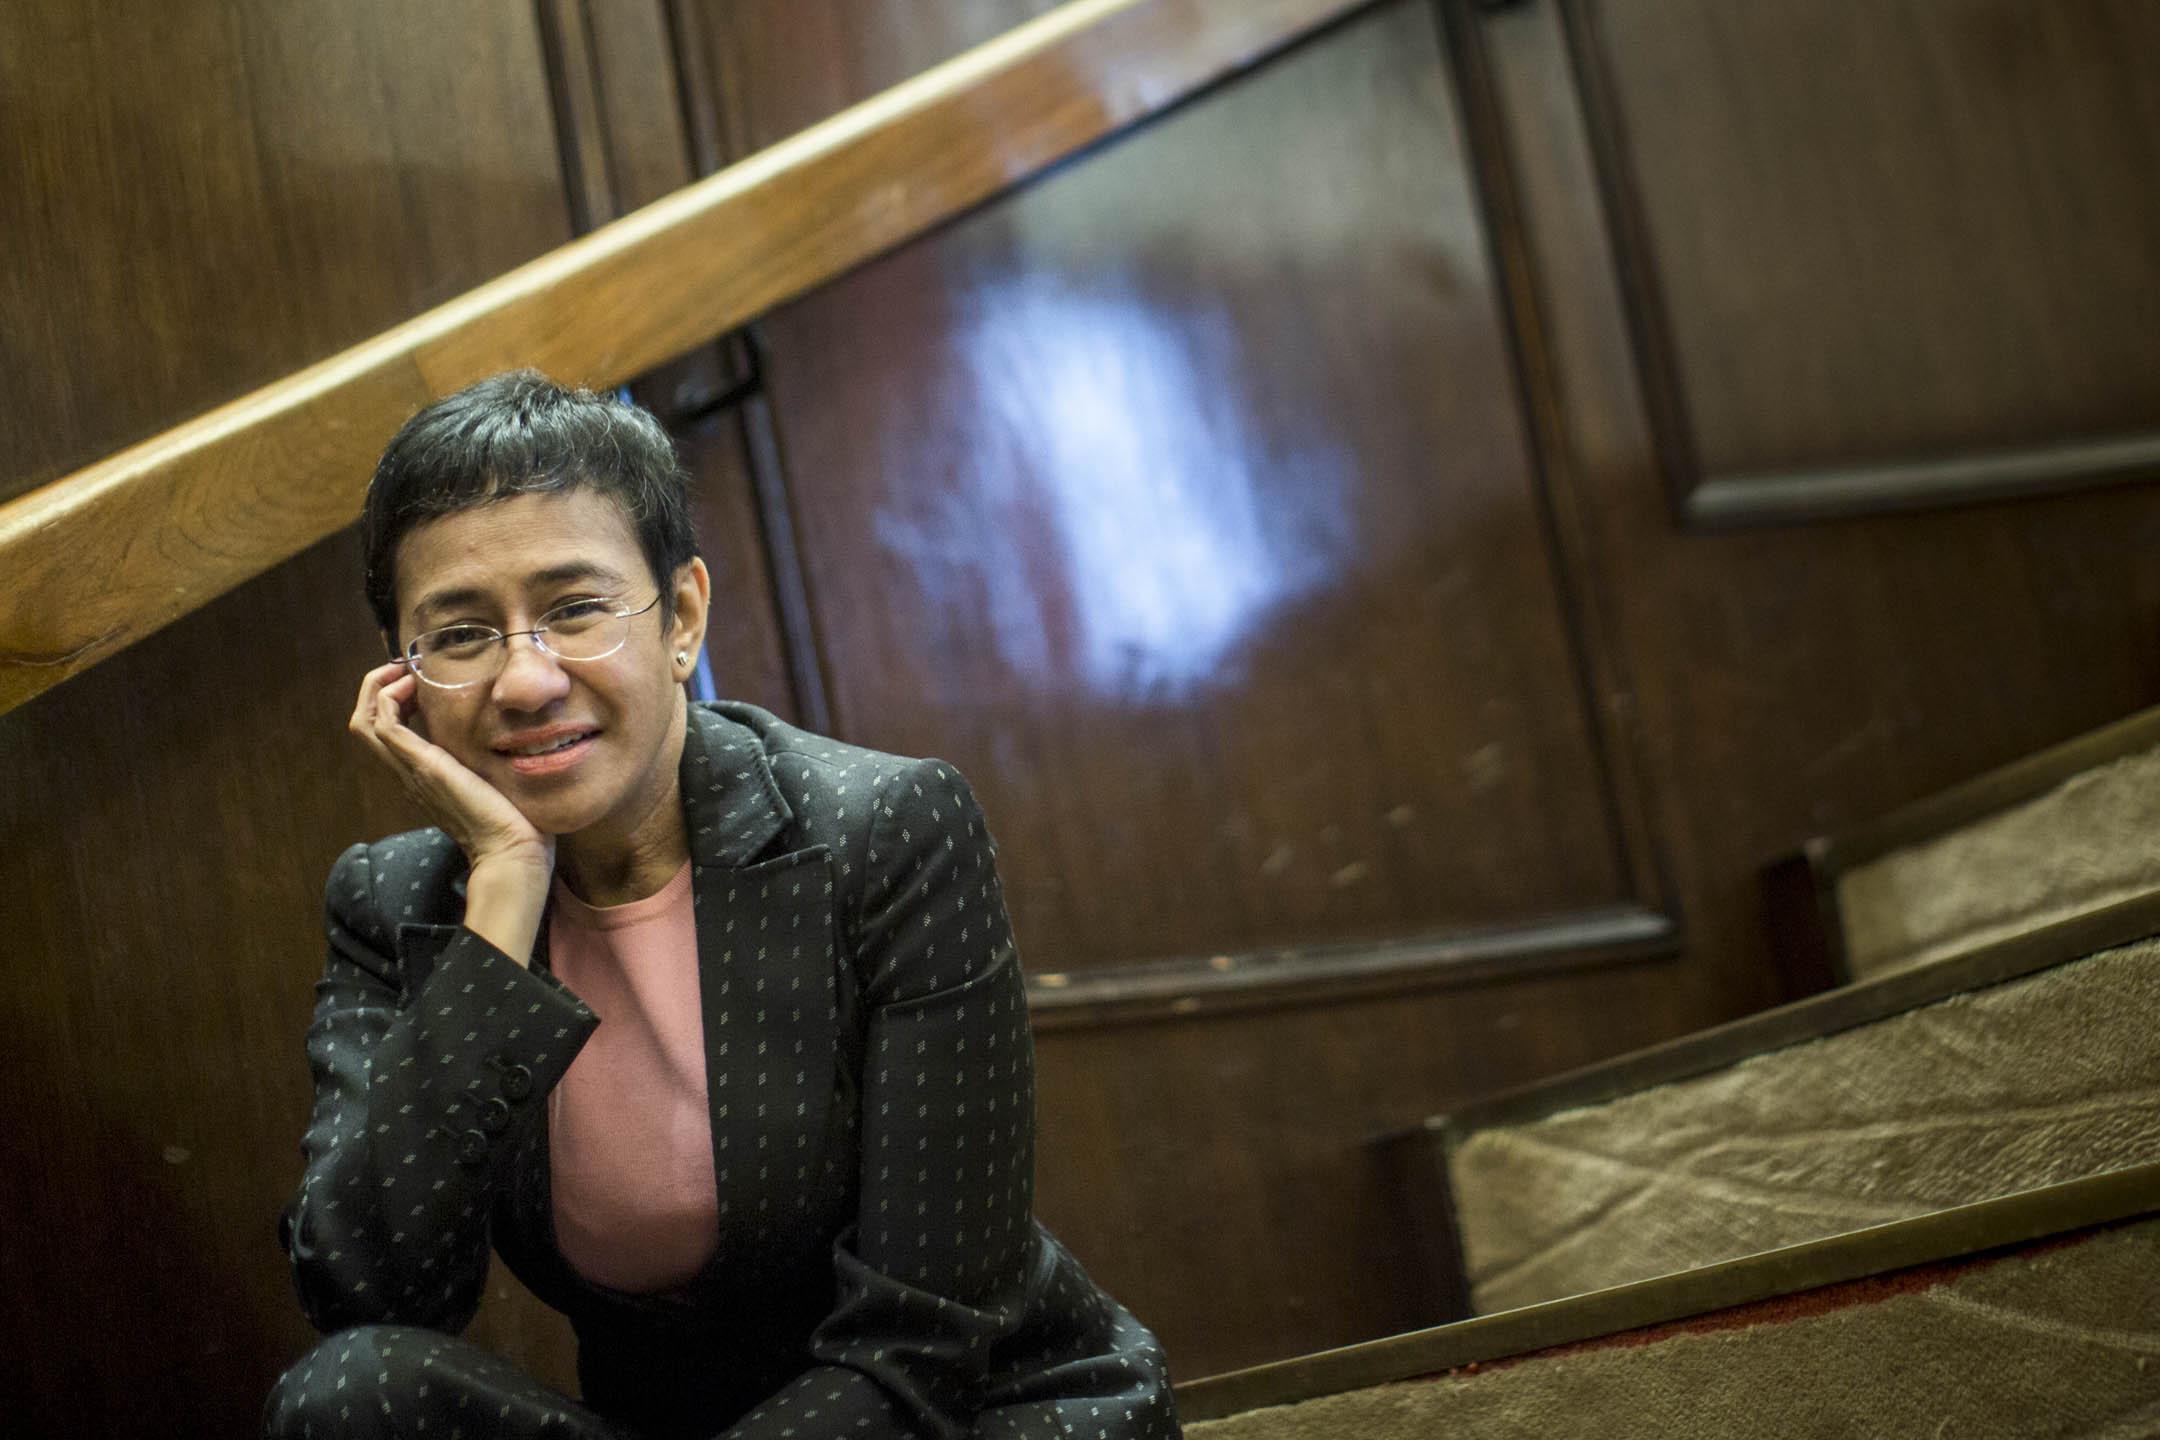 雷薩(Maria Ressa)早前獲選為《時代》雜誌2019年百大風雲人物之一,被嘉許為「真相守護者」,表揚她無懼政權打壓,揭露不義、紀錄真相的貢獻。 攝:林振東/端傳媒